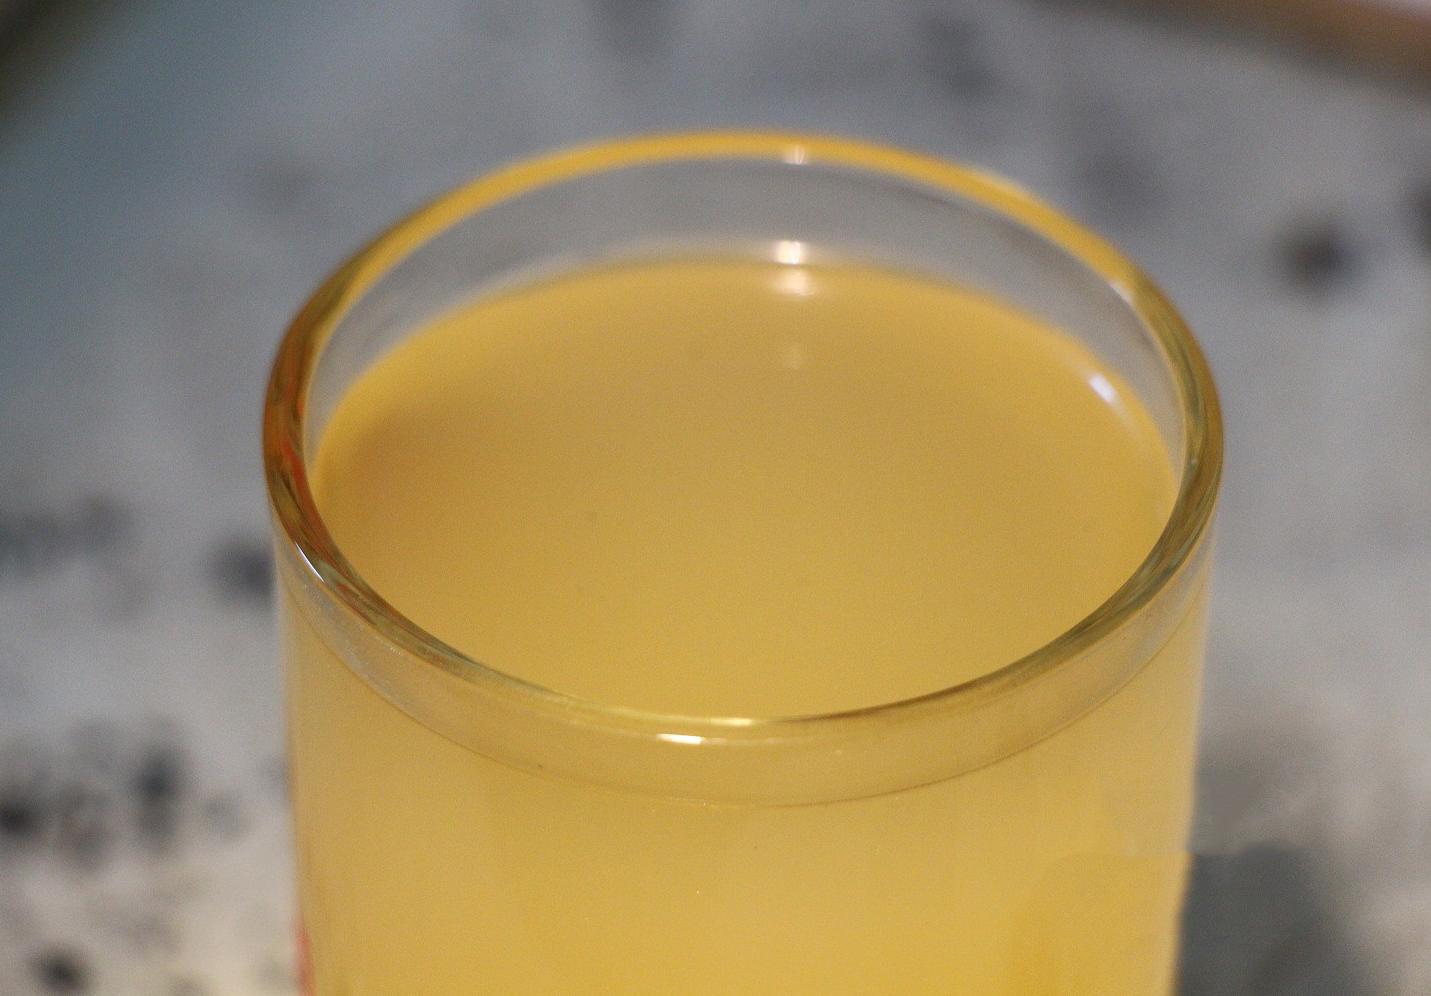 美味衡阳,正宗的西渡湖之酒,原汁原味喝原浆酒,后劲没人能抗住